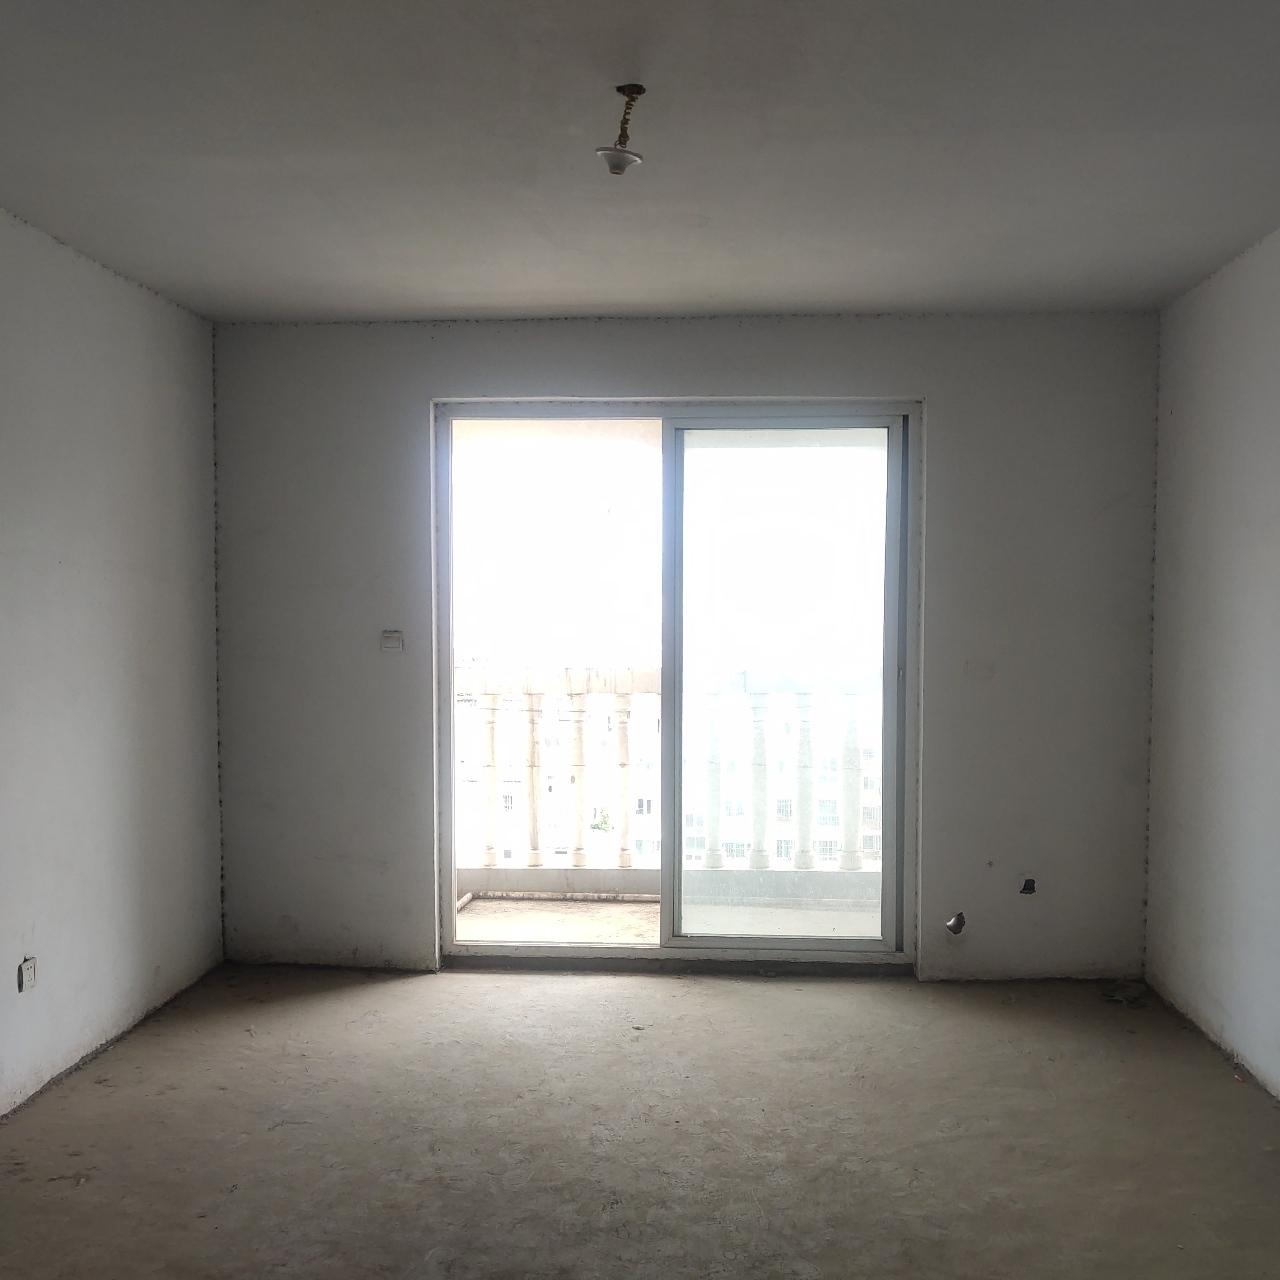 世纪新城3室2厅2卫69万元可以接受按揭